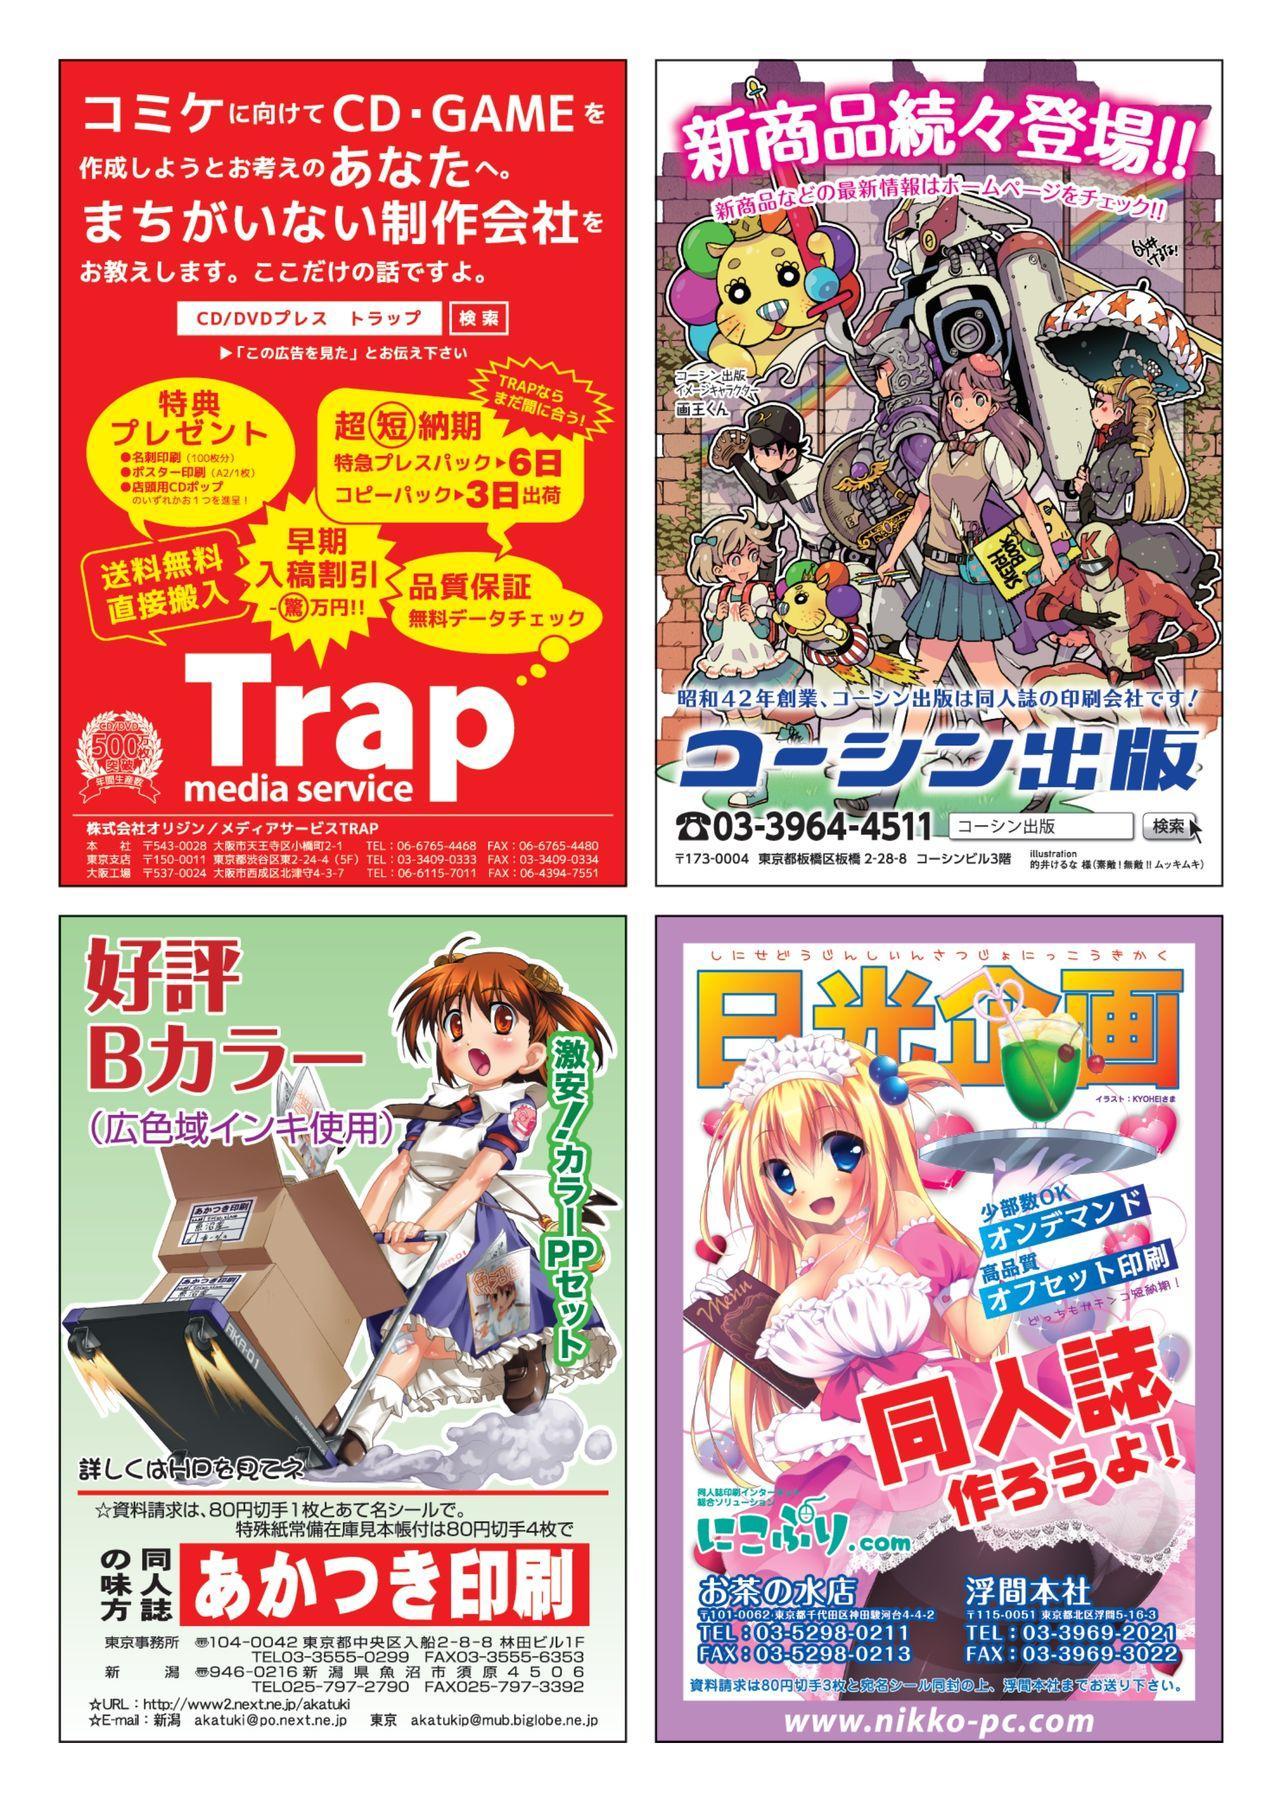 月刊めろメロ 2013年12月号 21